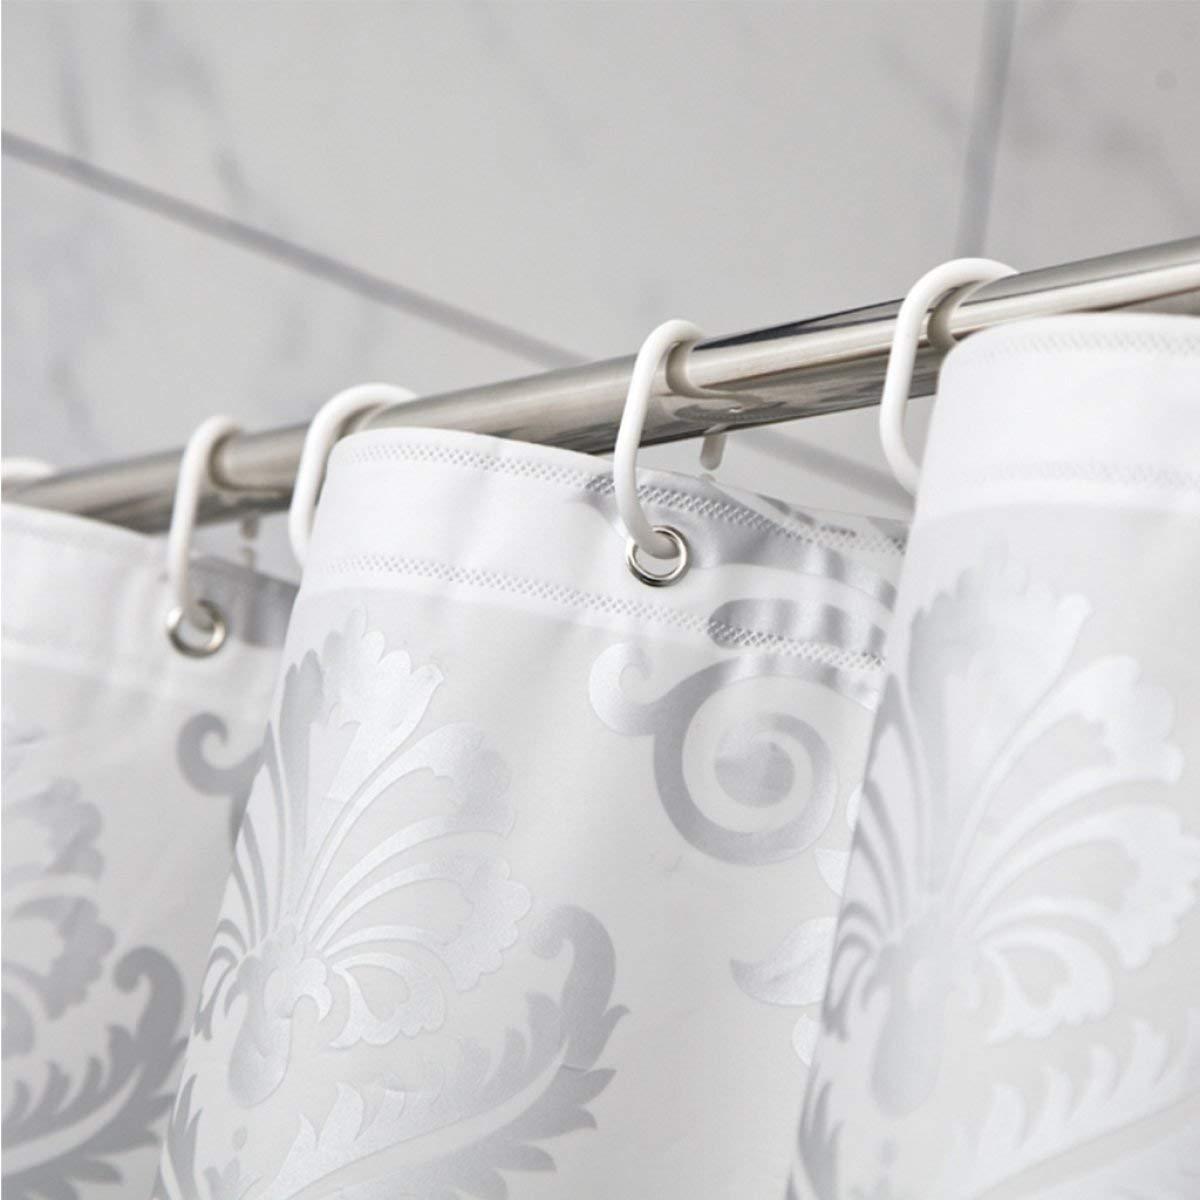 Der European Pastoral Style Foggy Translucent Matt Thickening EVA Bathroom Free Punching Shower Curtain Waterproof and Mildew Bathroom Accessories (Size : 180cm180cm) by Der (Image #2)